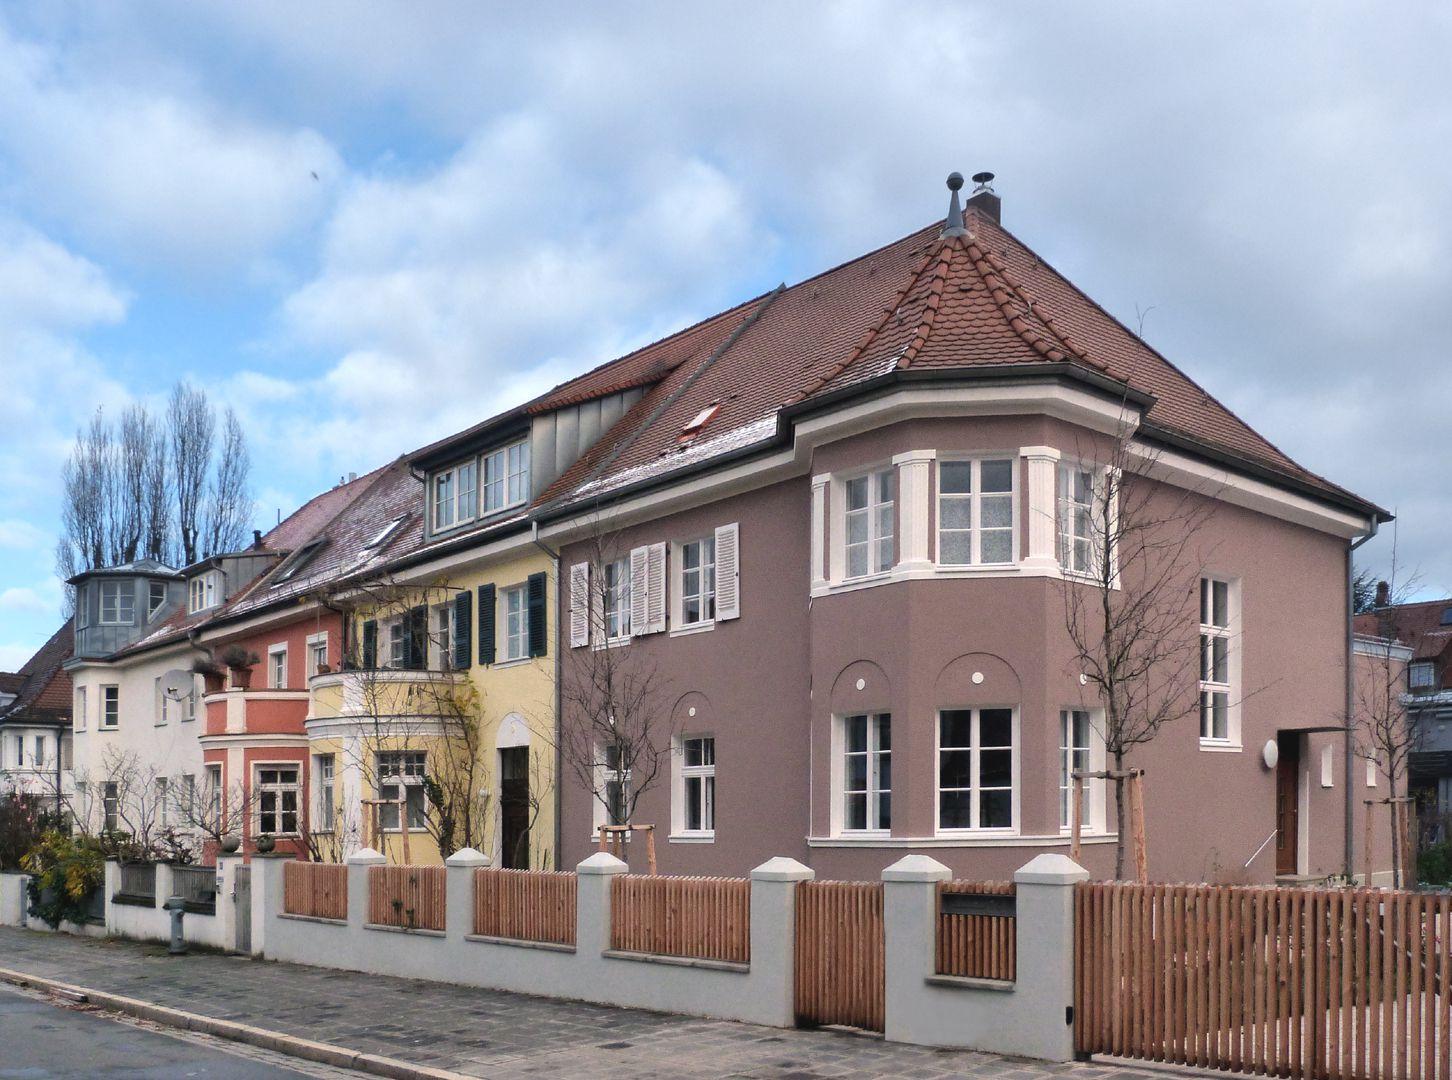 Wohnhausreihe in der Danziger Straße Ansicht von Süden